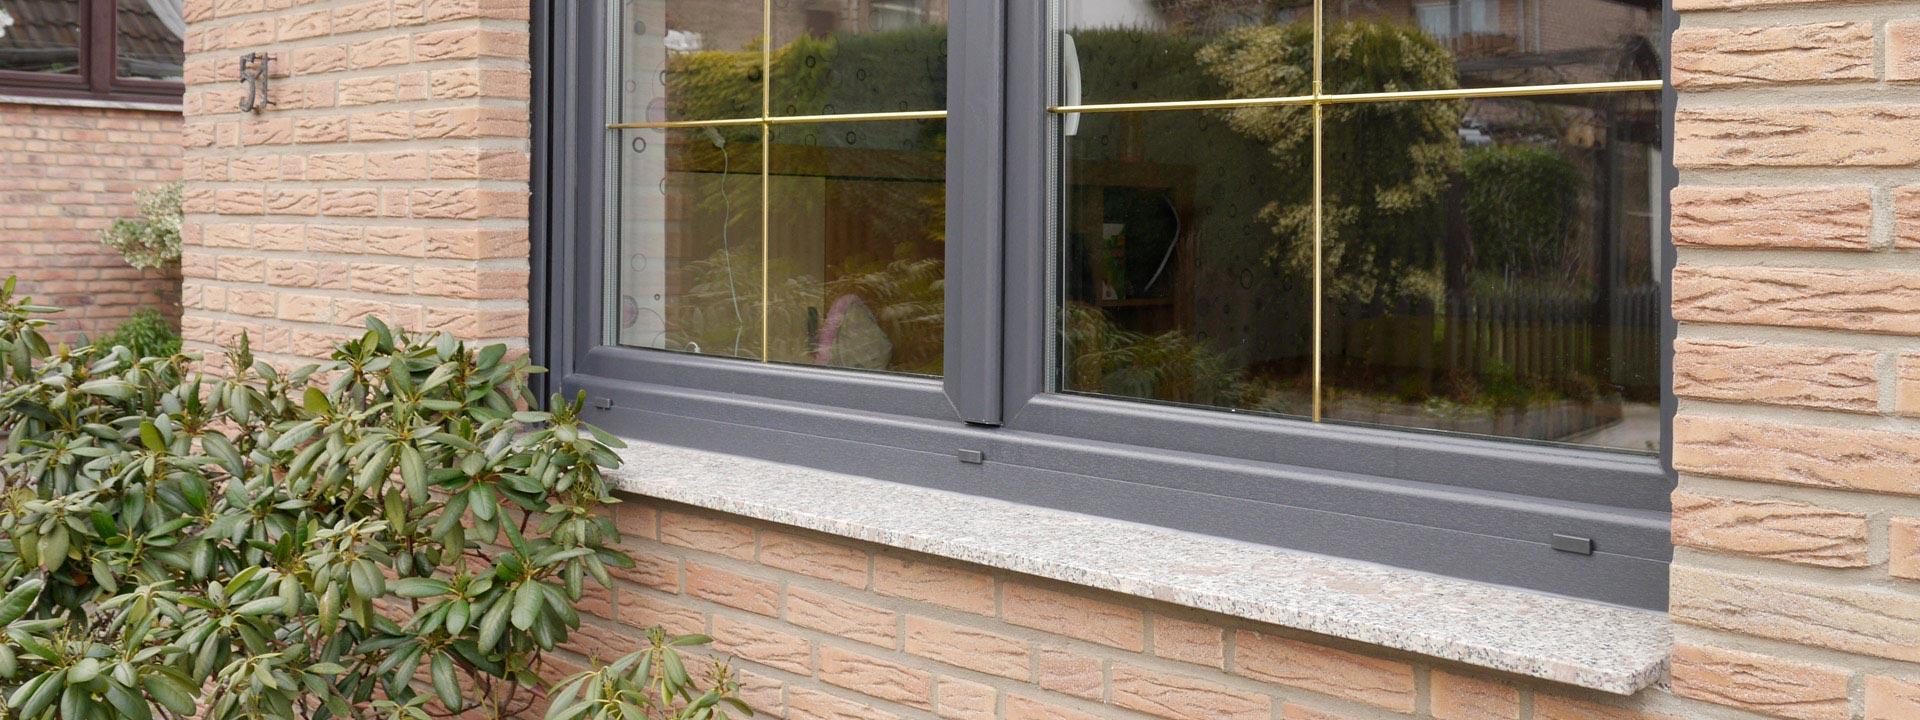 Full Size of Drutex Fenster Anpressdruck Einstellen Polen Erfahrungen Einbauen Lassen Aachen Kunststofffenster Holzfenster Holz Alu Abdichten Schallschutz Klebefolie Für Fenster Drutex Fenster